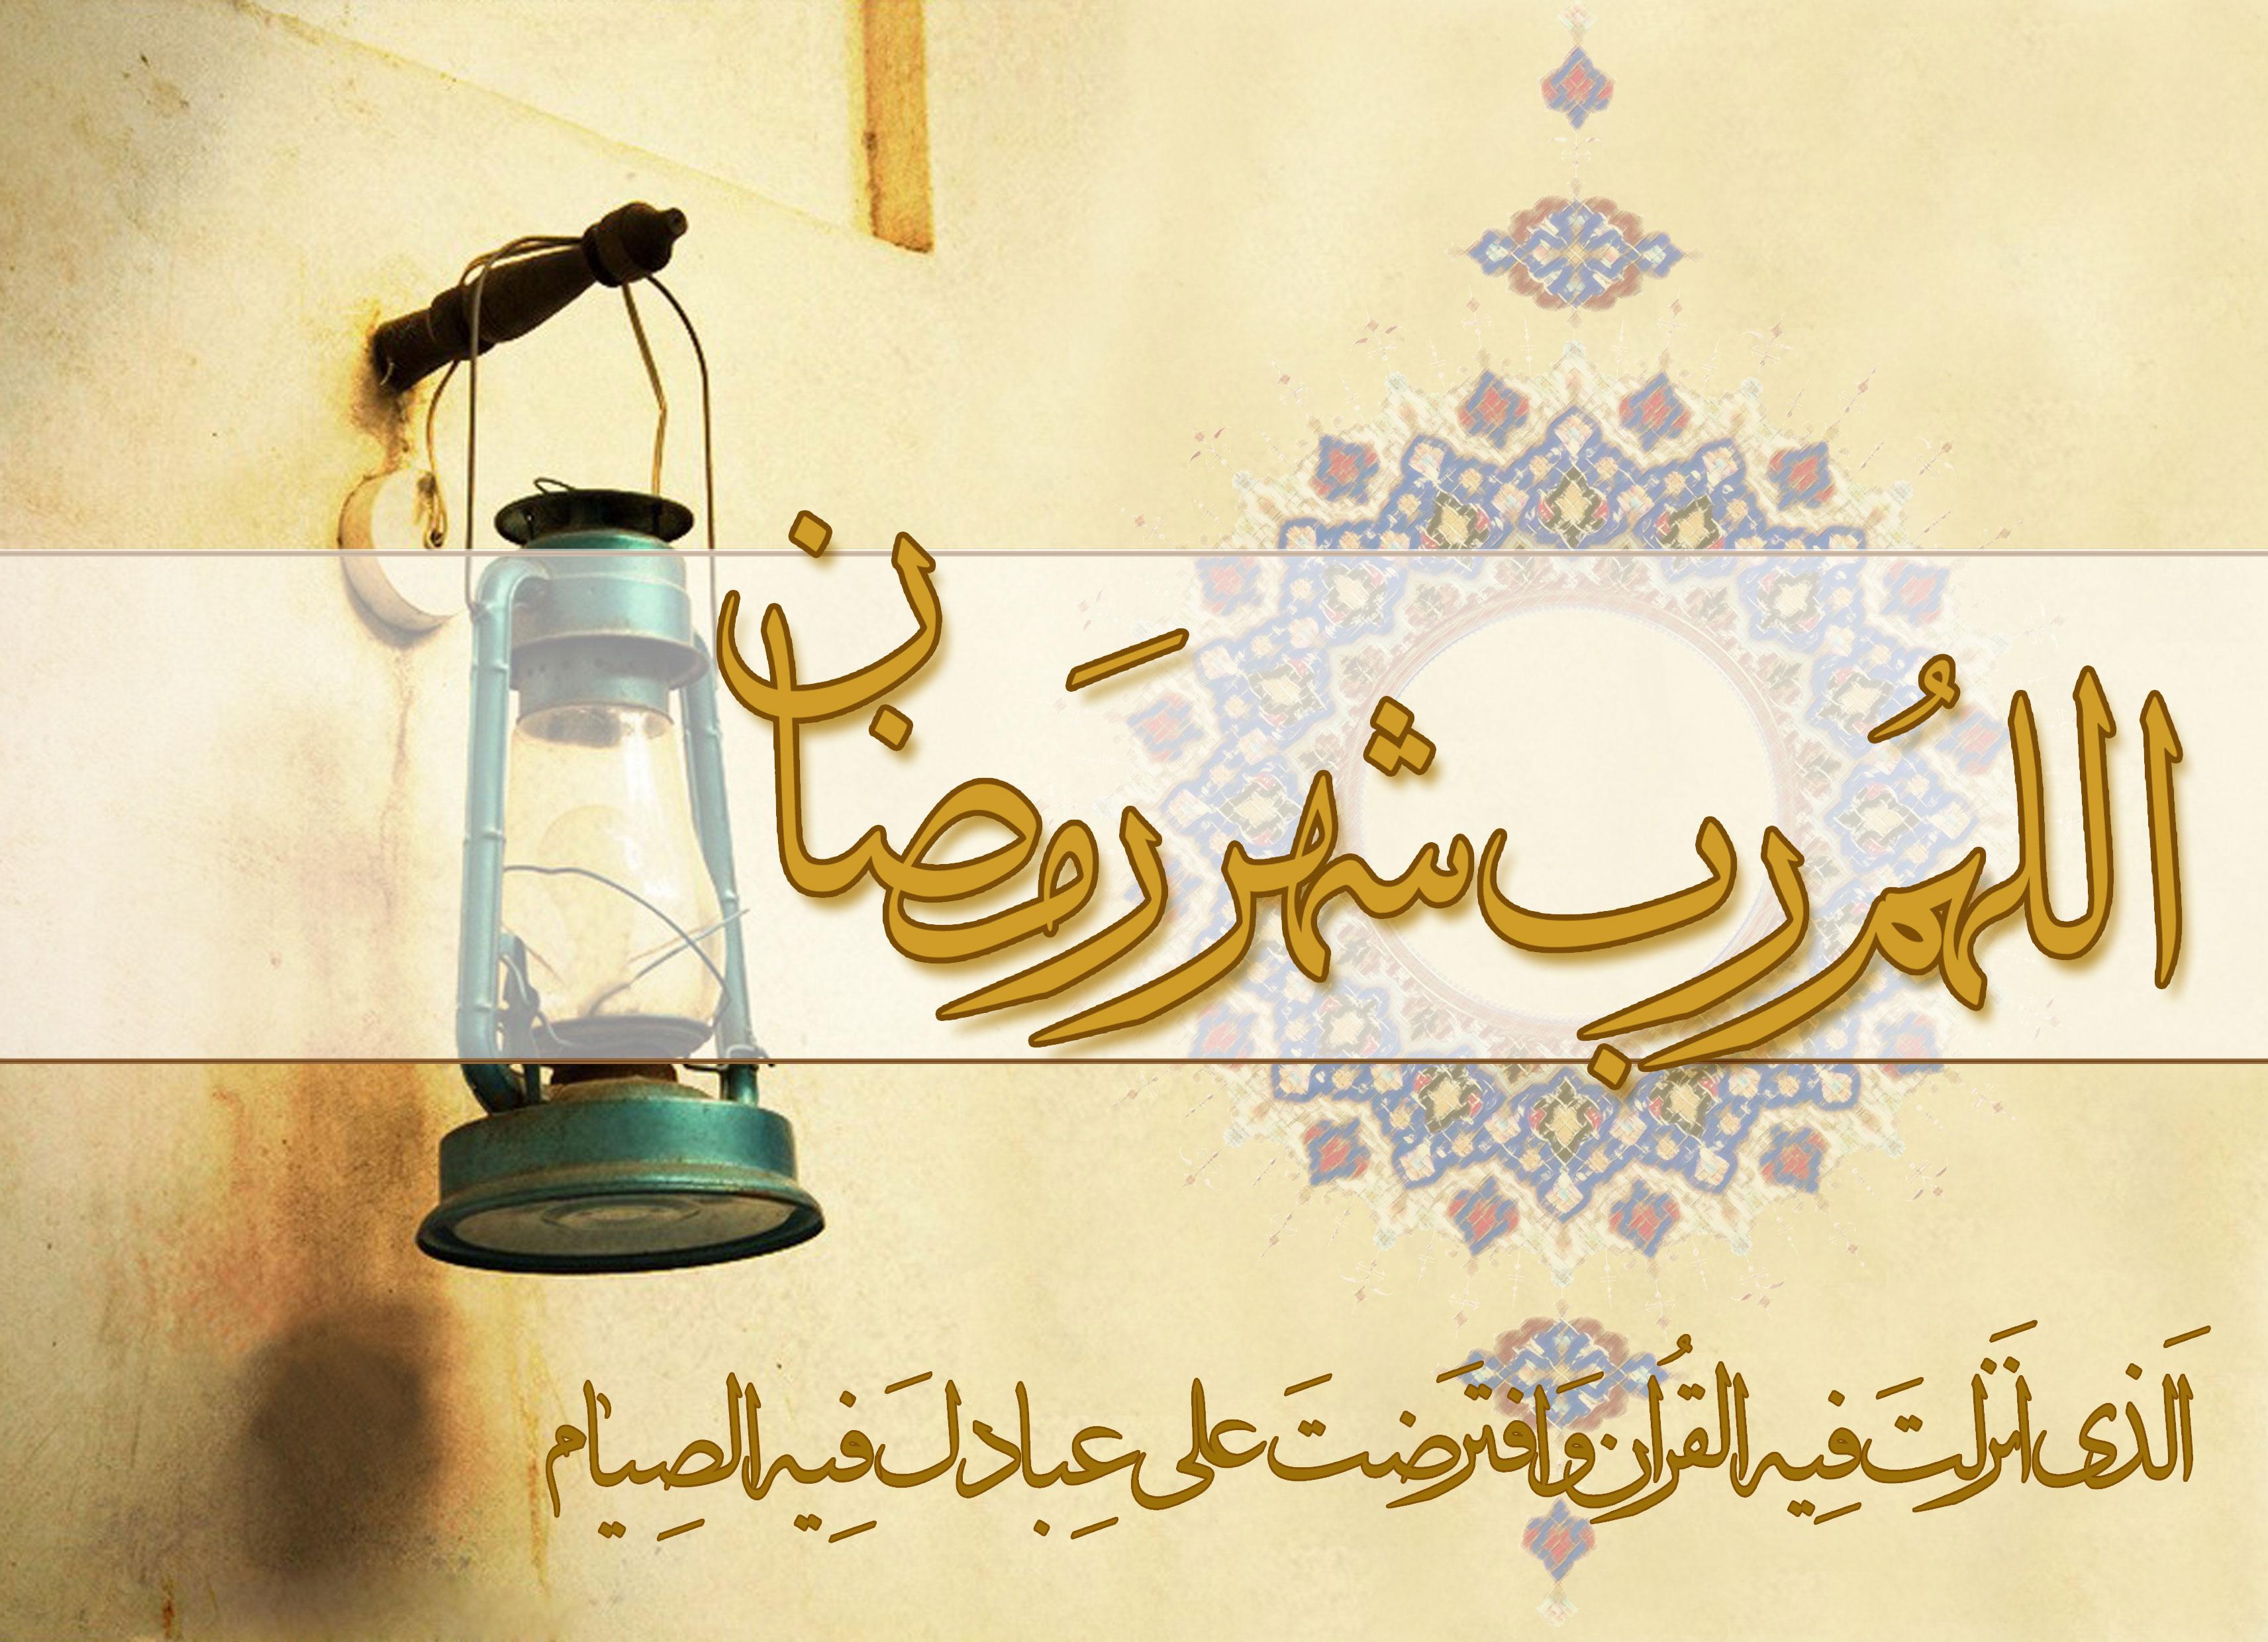 اوقات شرعی  شهرهای استان بوشهر در ماه مبارک رمضان